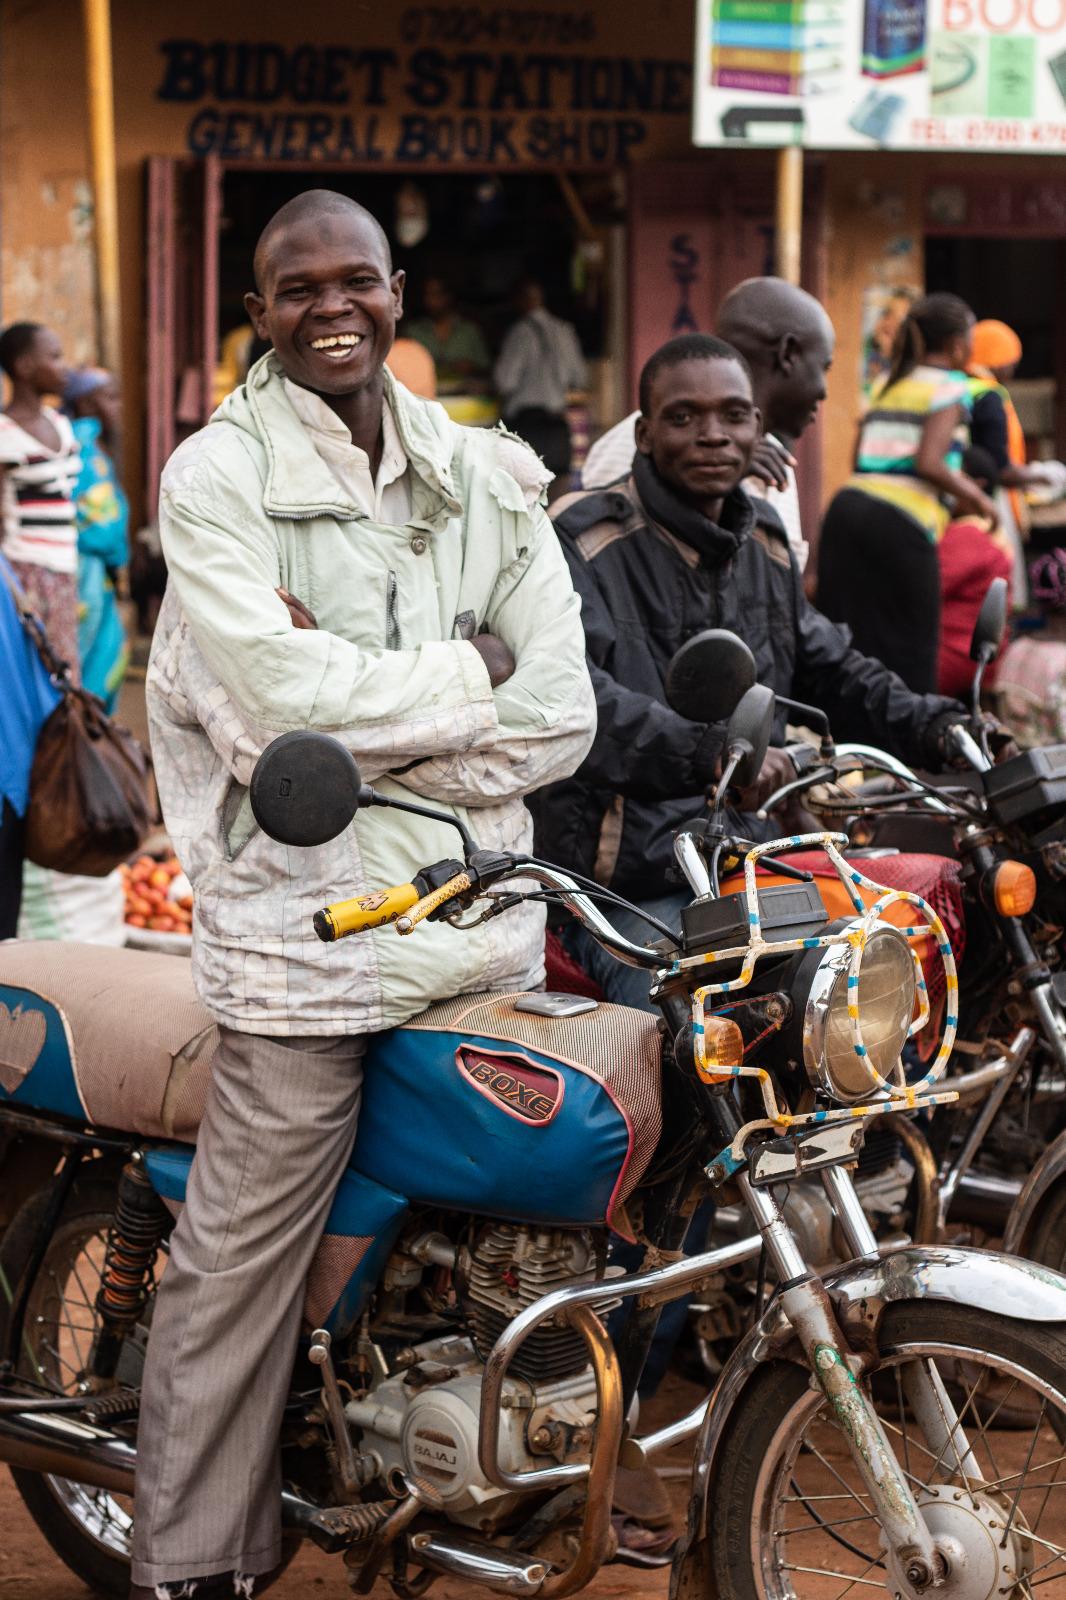 Conductor de boda boda, una moto taxi y uno de los principales medios de transporte del país.